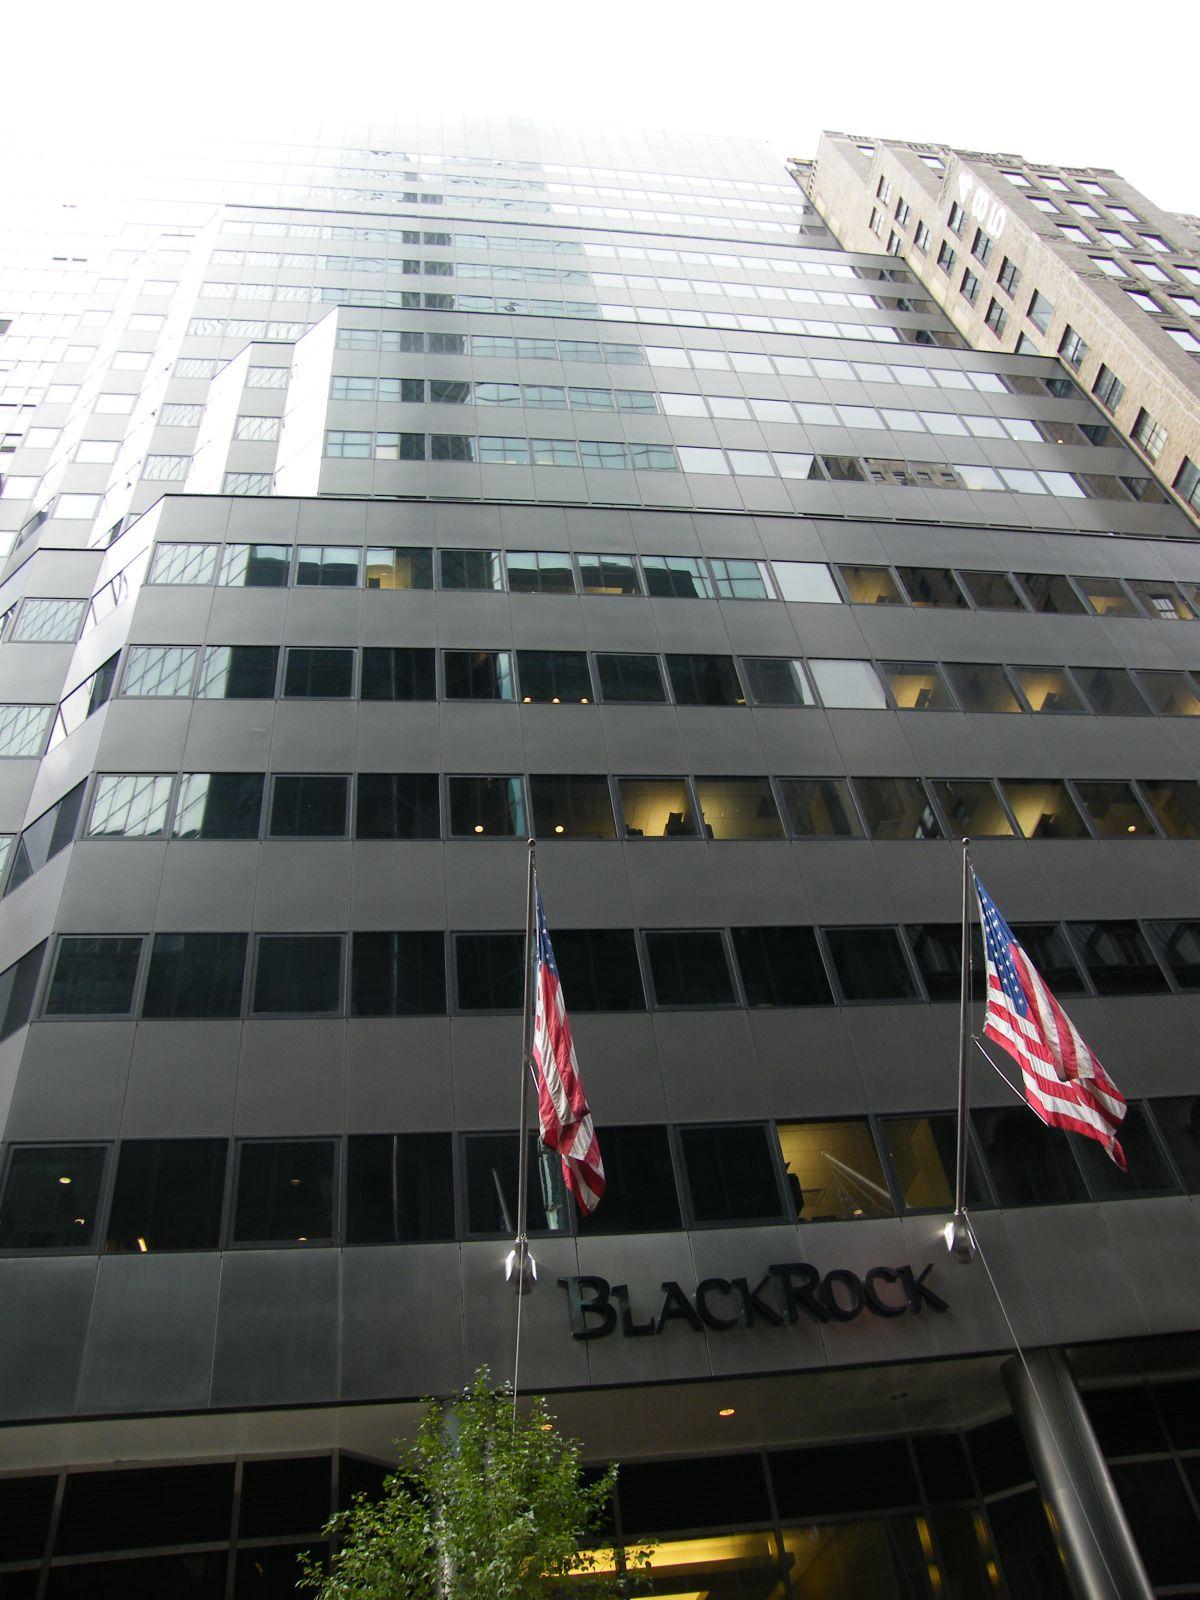 La multinationale BlackRock conseille la Commission européenne sur l'environnement